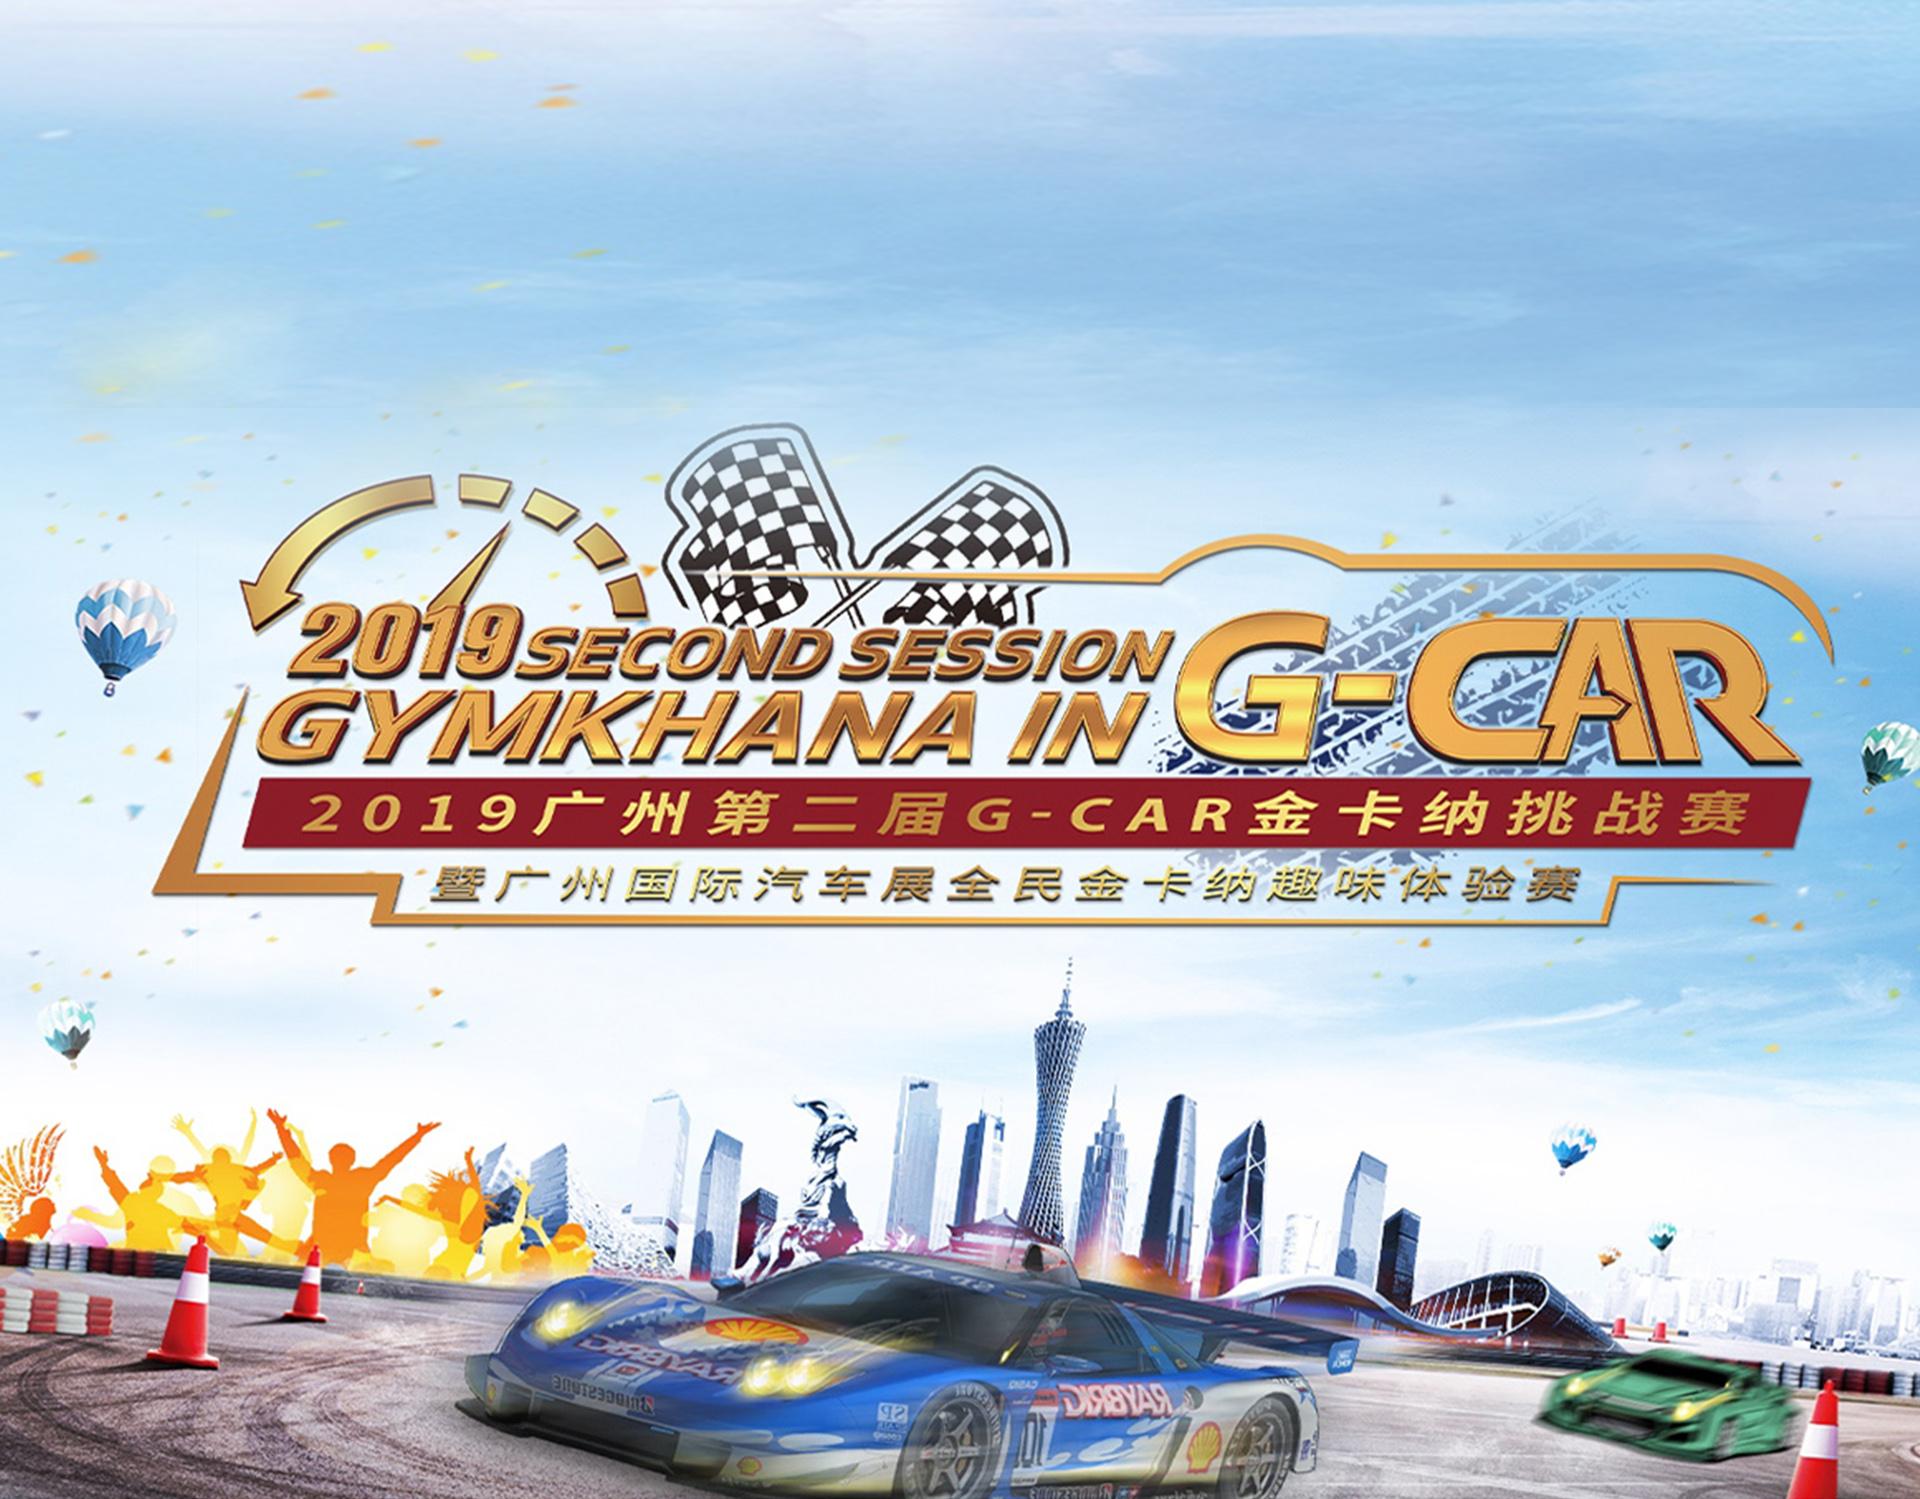 第二届G-CAR金卡纳现场回顾